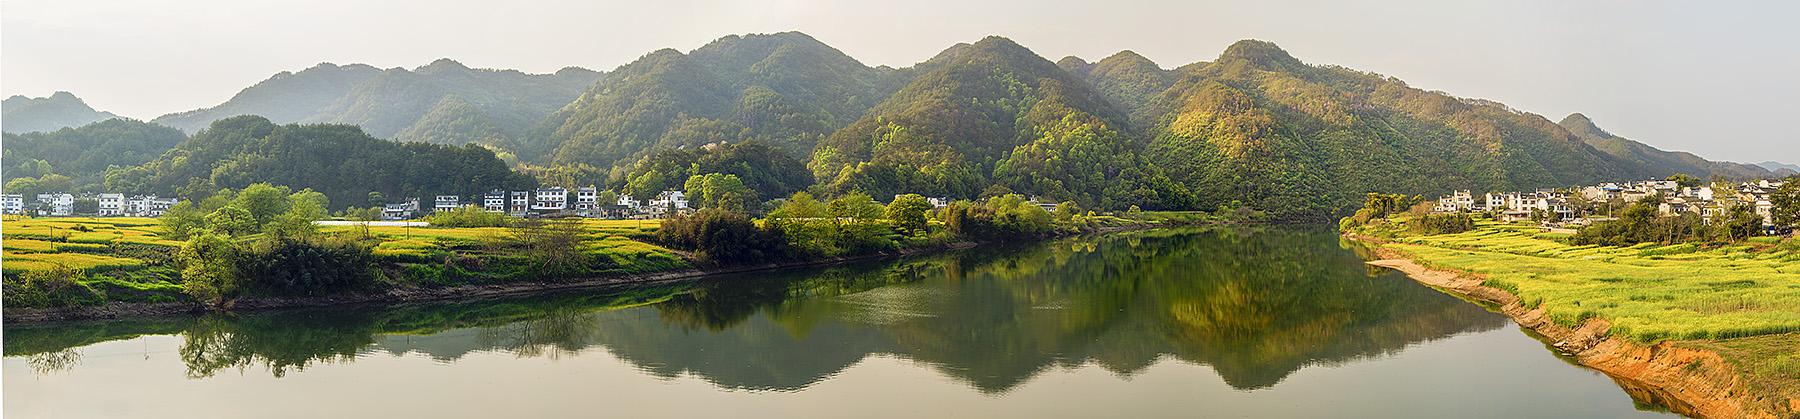 钟乳石作品:新安江畔